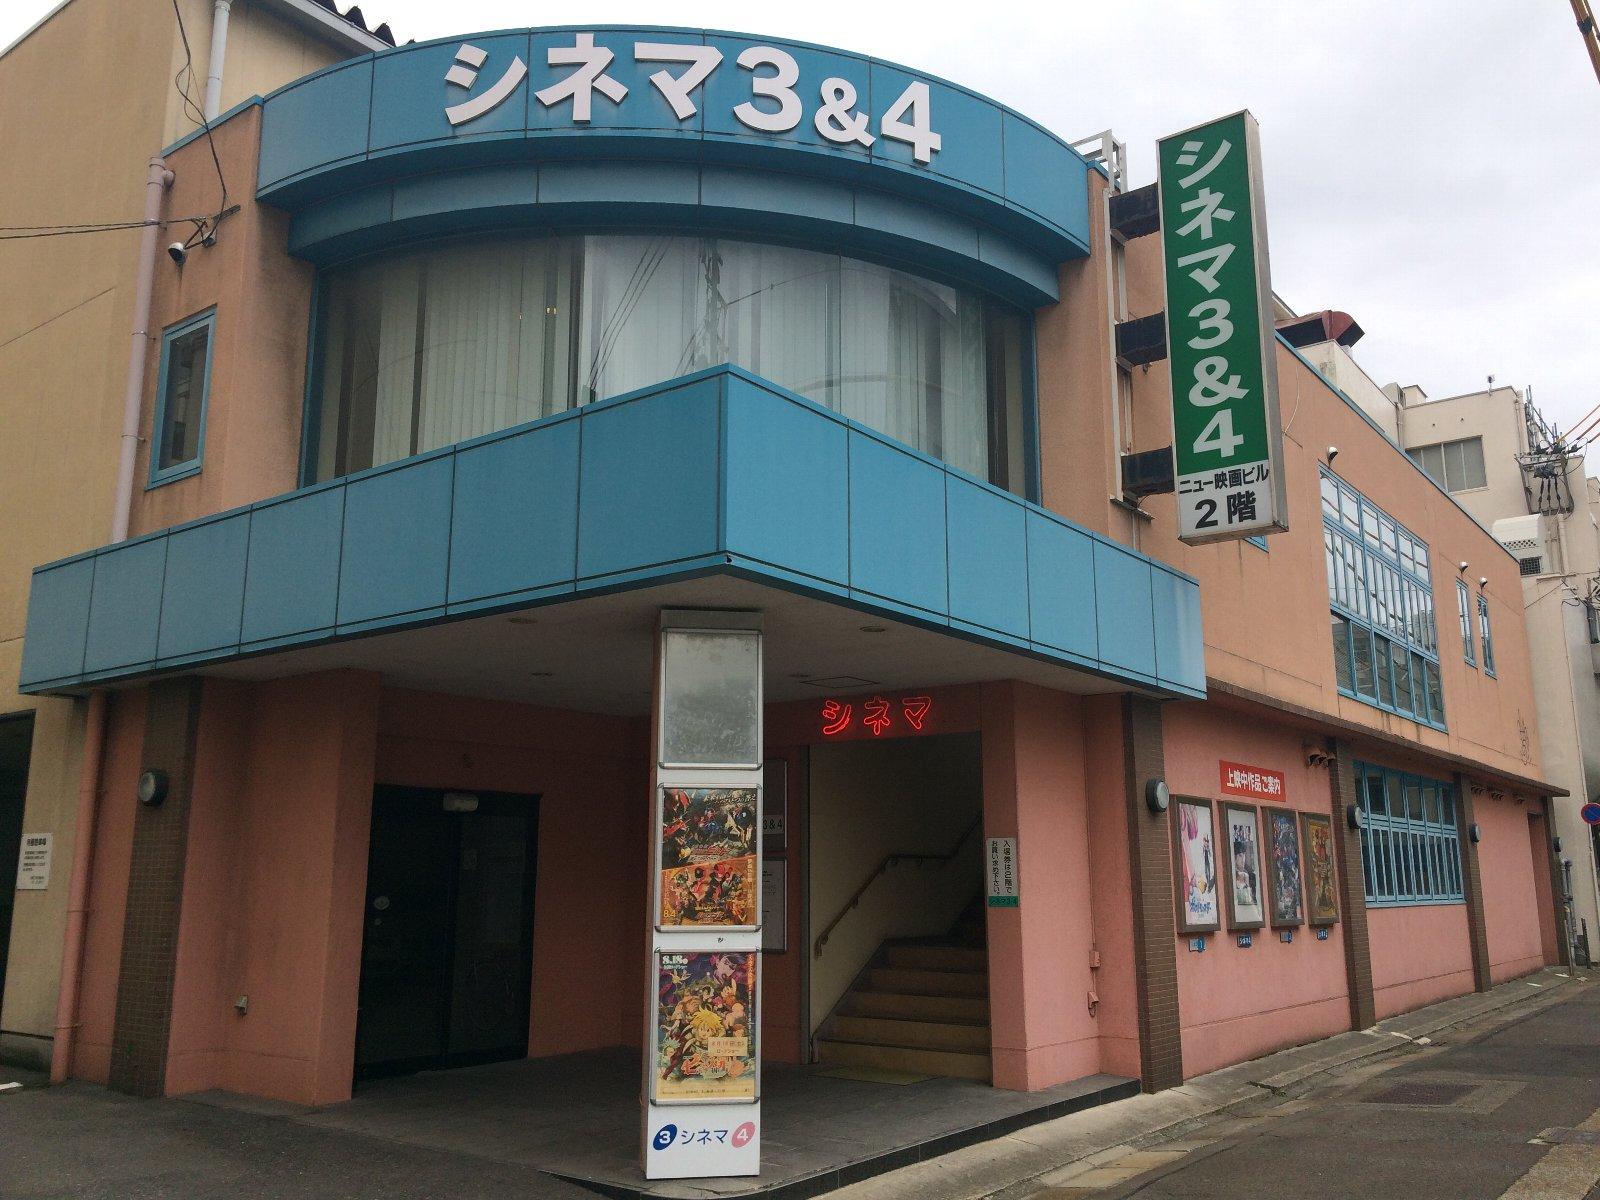 20180808 福井シネマ シネマ3&4